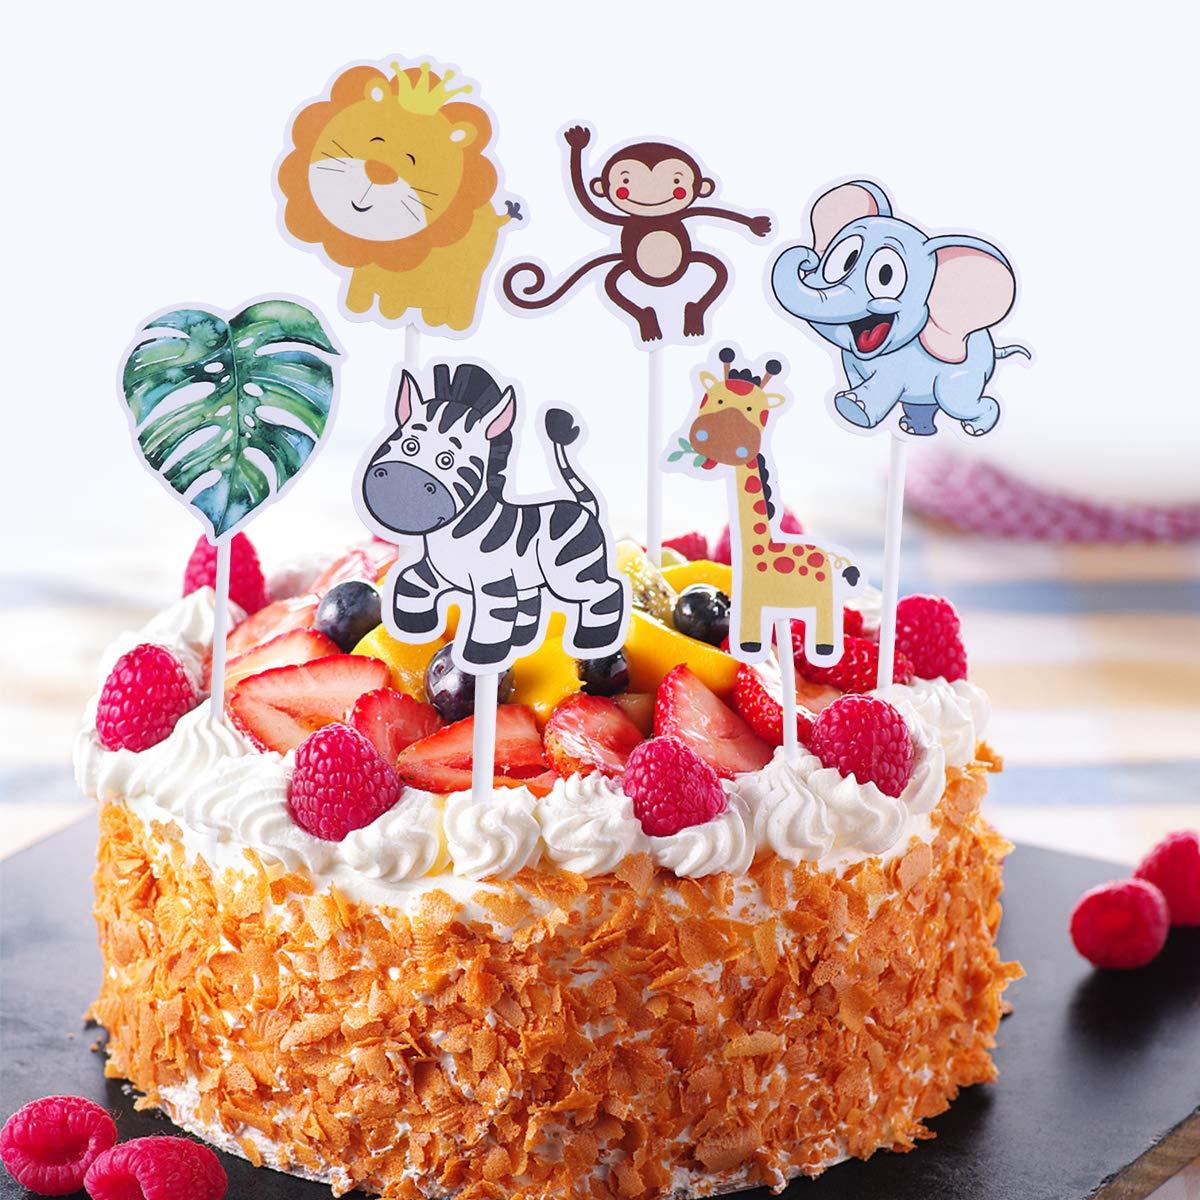 BESTONZON 24pcs Animales tem/áticos Cake Toppers fiesta de cumplea/ños creativa Selecciones de la torta alimentos decoraci/ón suministros